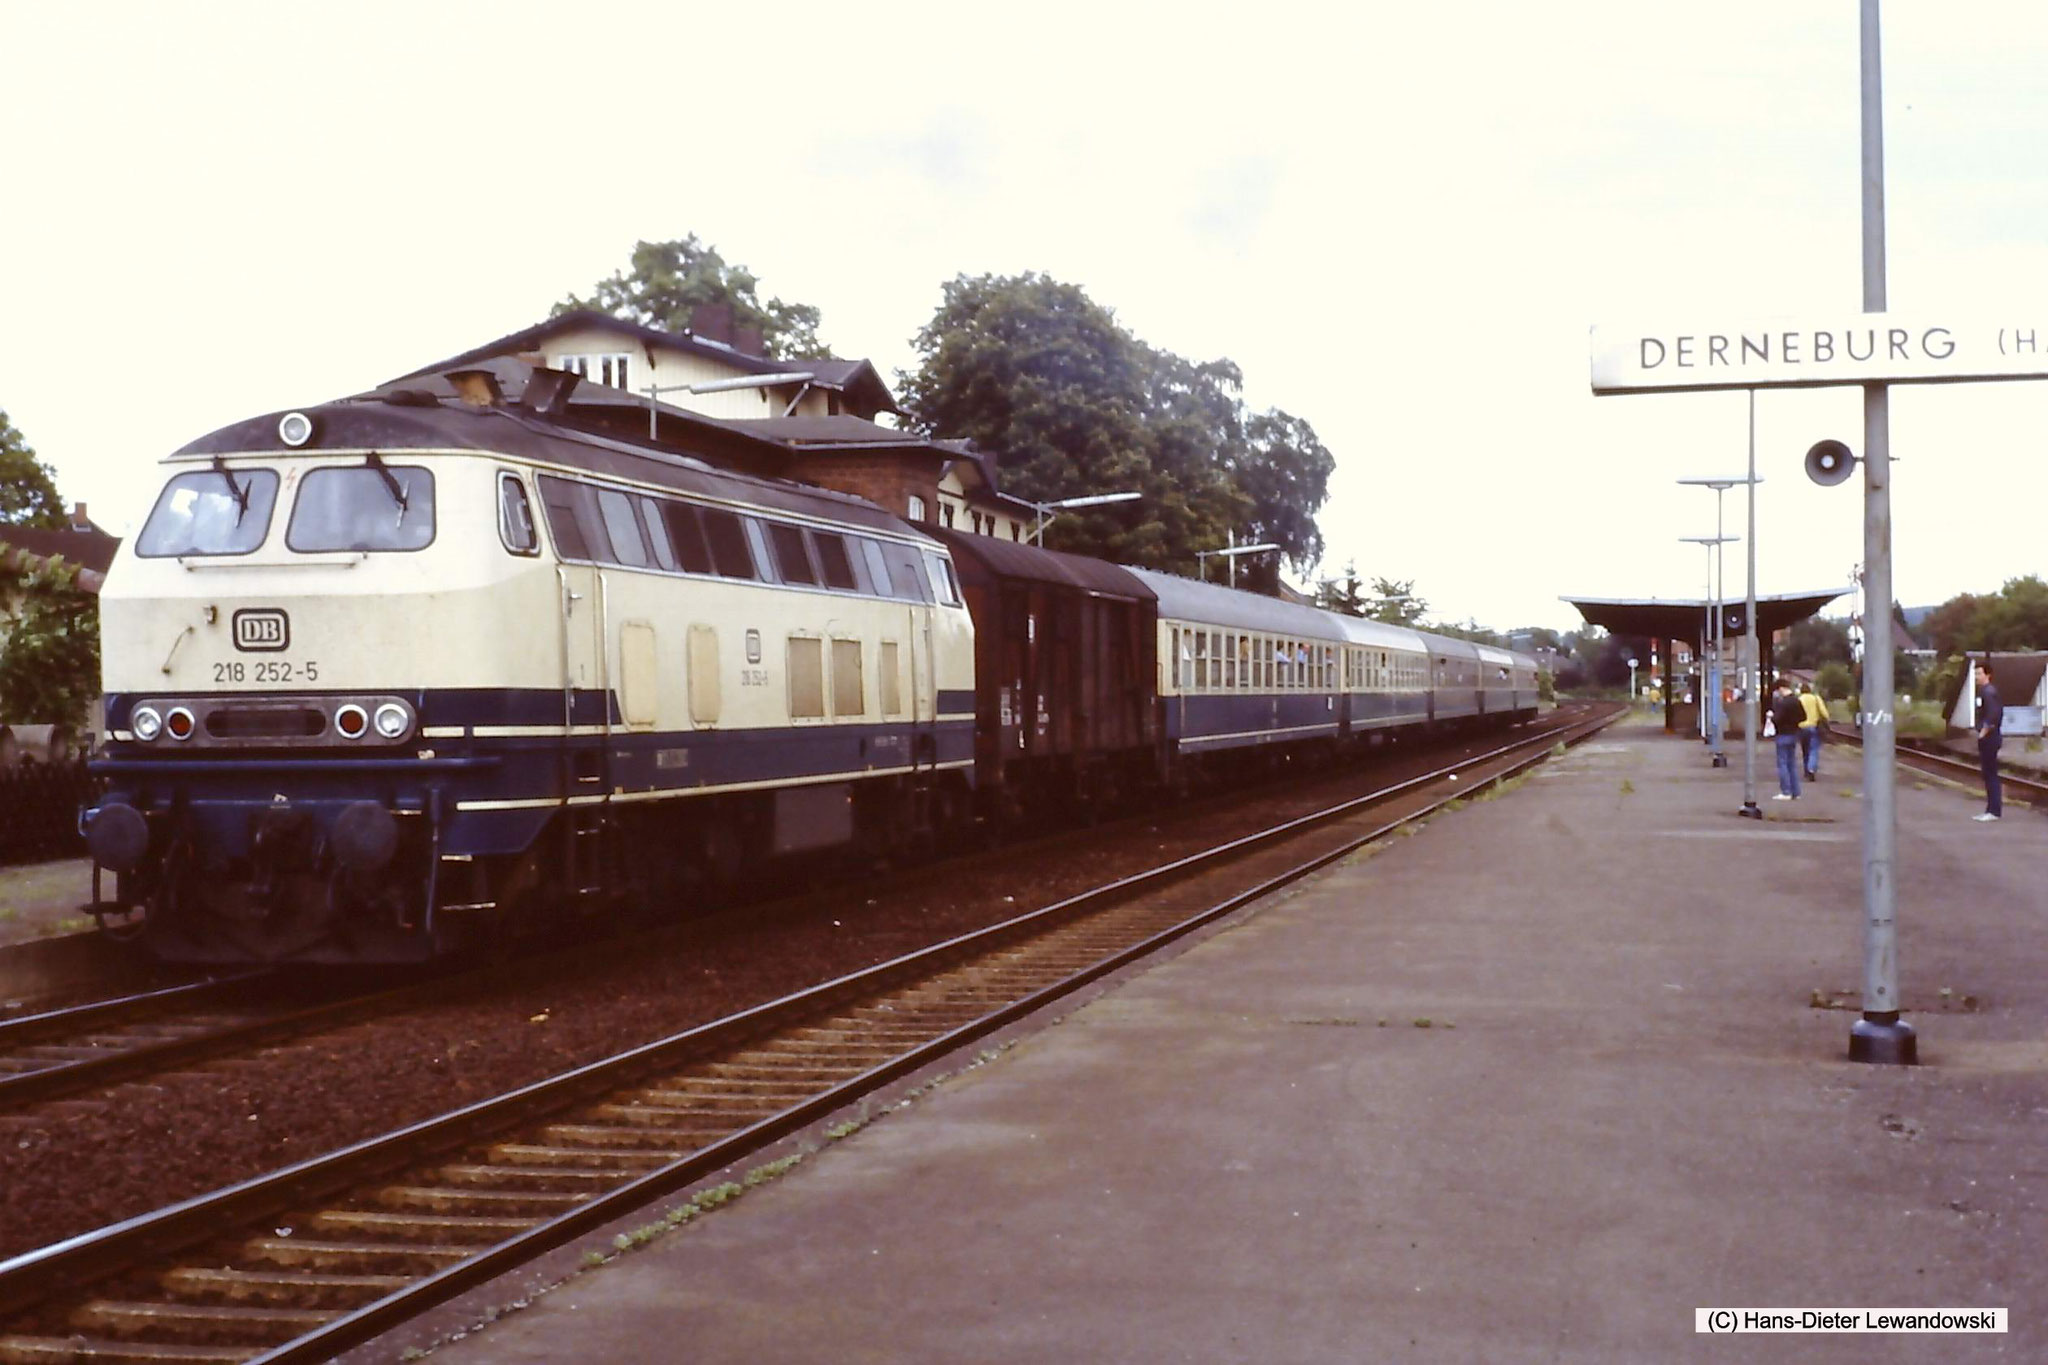 Bahnhof Derneburg